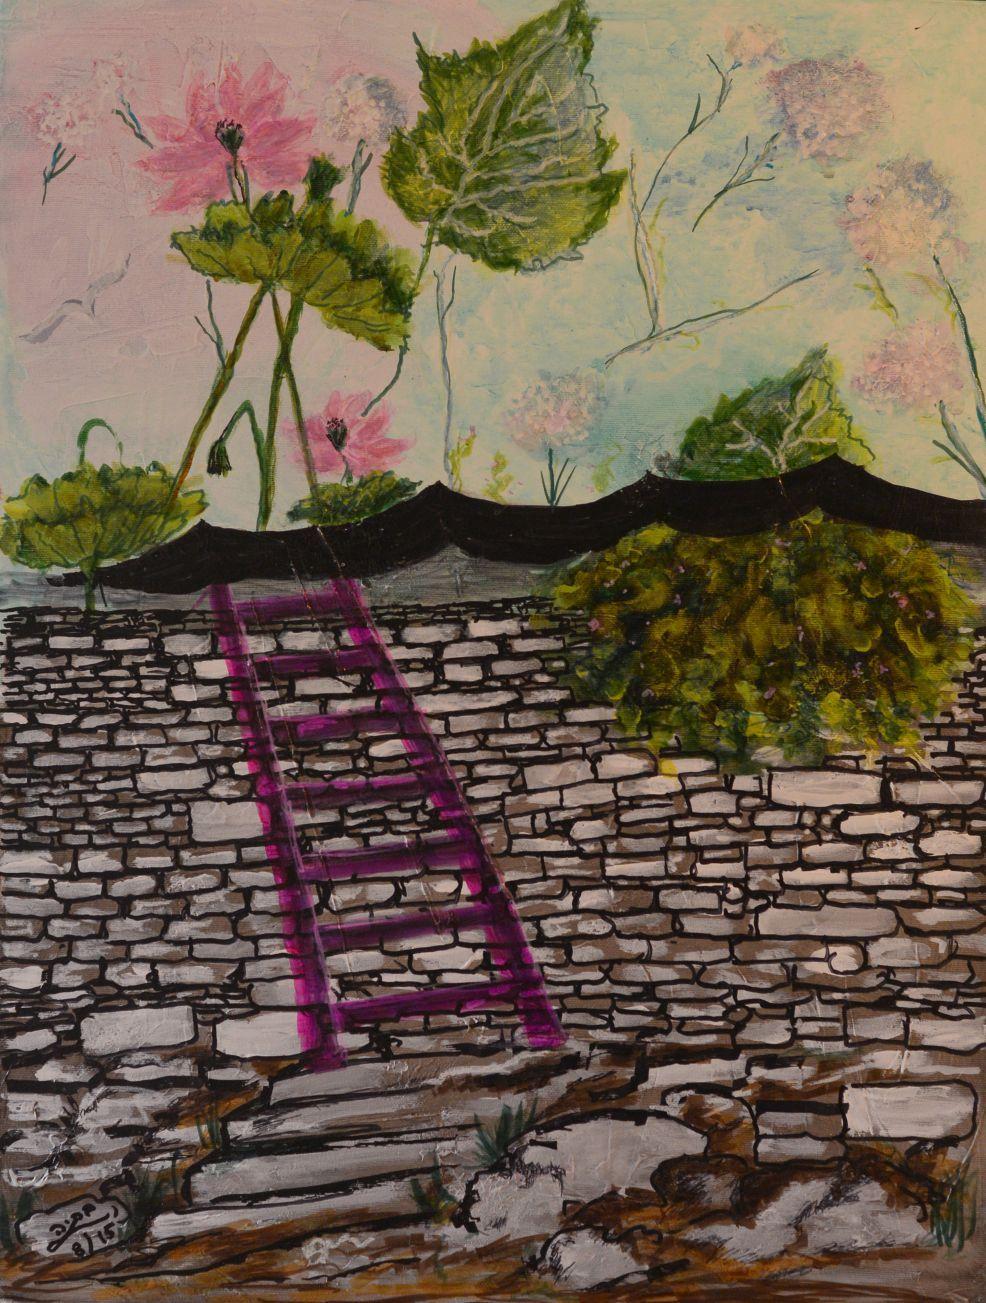 """סדנאות אמנות, ציור, טכניקה מעורבת, צילום, פיסול מי שחולם לצייר ורוצה לצייר לעצמו תמונה או רוצה לעשות הפתעה למישהו - ניתן להזמין אצלי """"יום כיף עם ציירת"""" שבו האדם מקבל ממני הדרכה בציור ויוצא בסופו של היום עם ציור על קנבס מוכן לתליה על הקיר. תוצרת בית - הבית ליוצרים ולעובדים מהבית"""